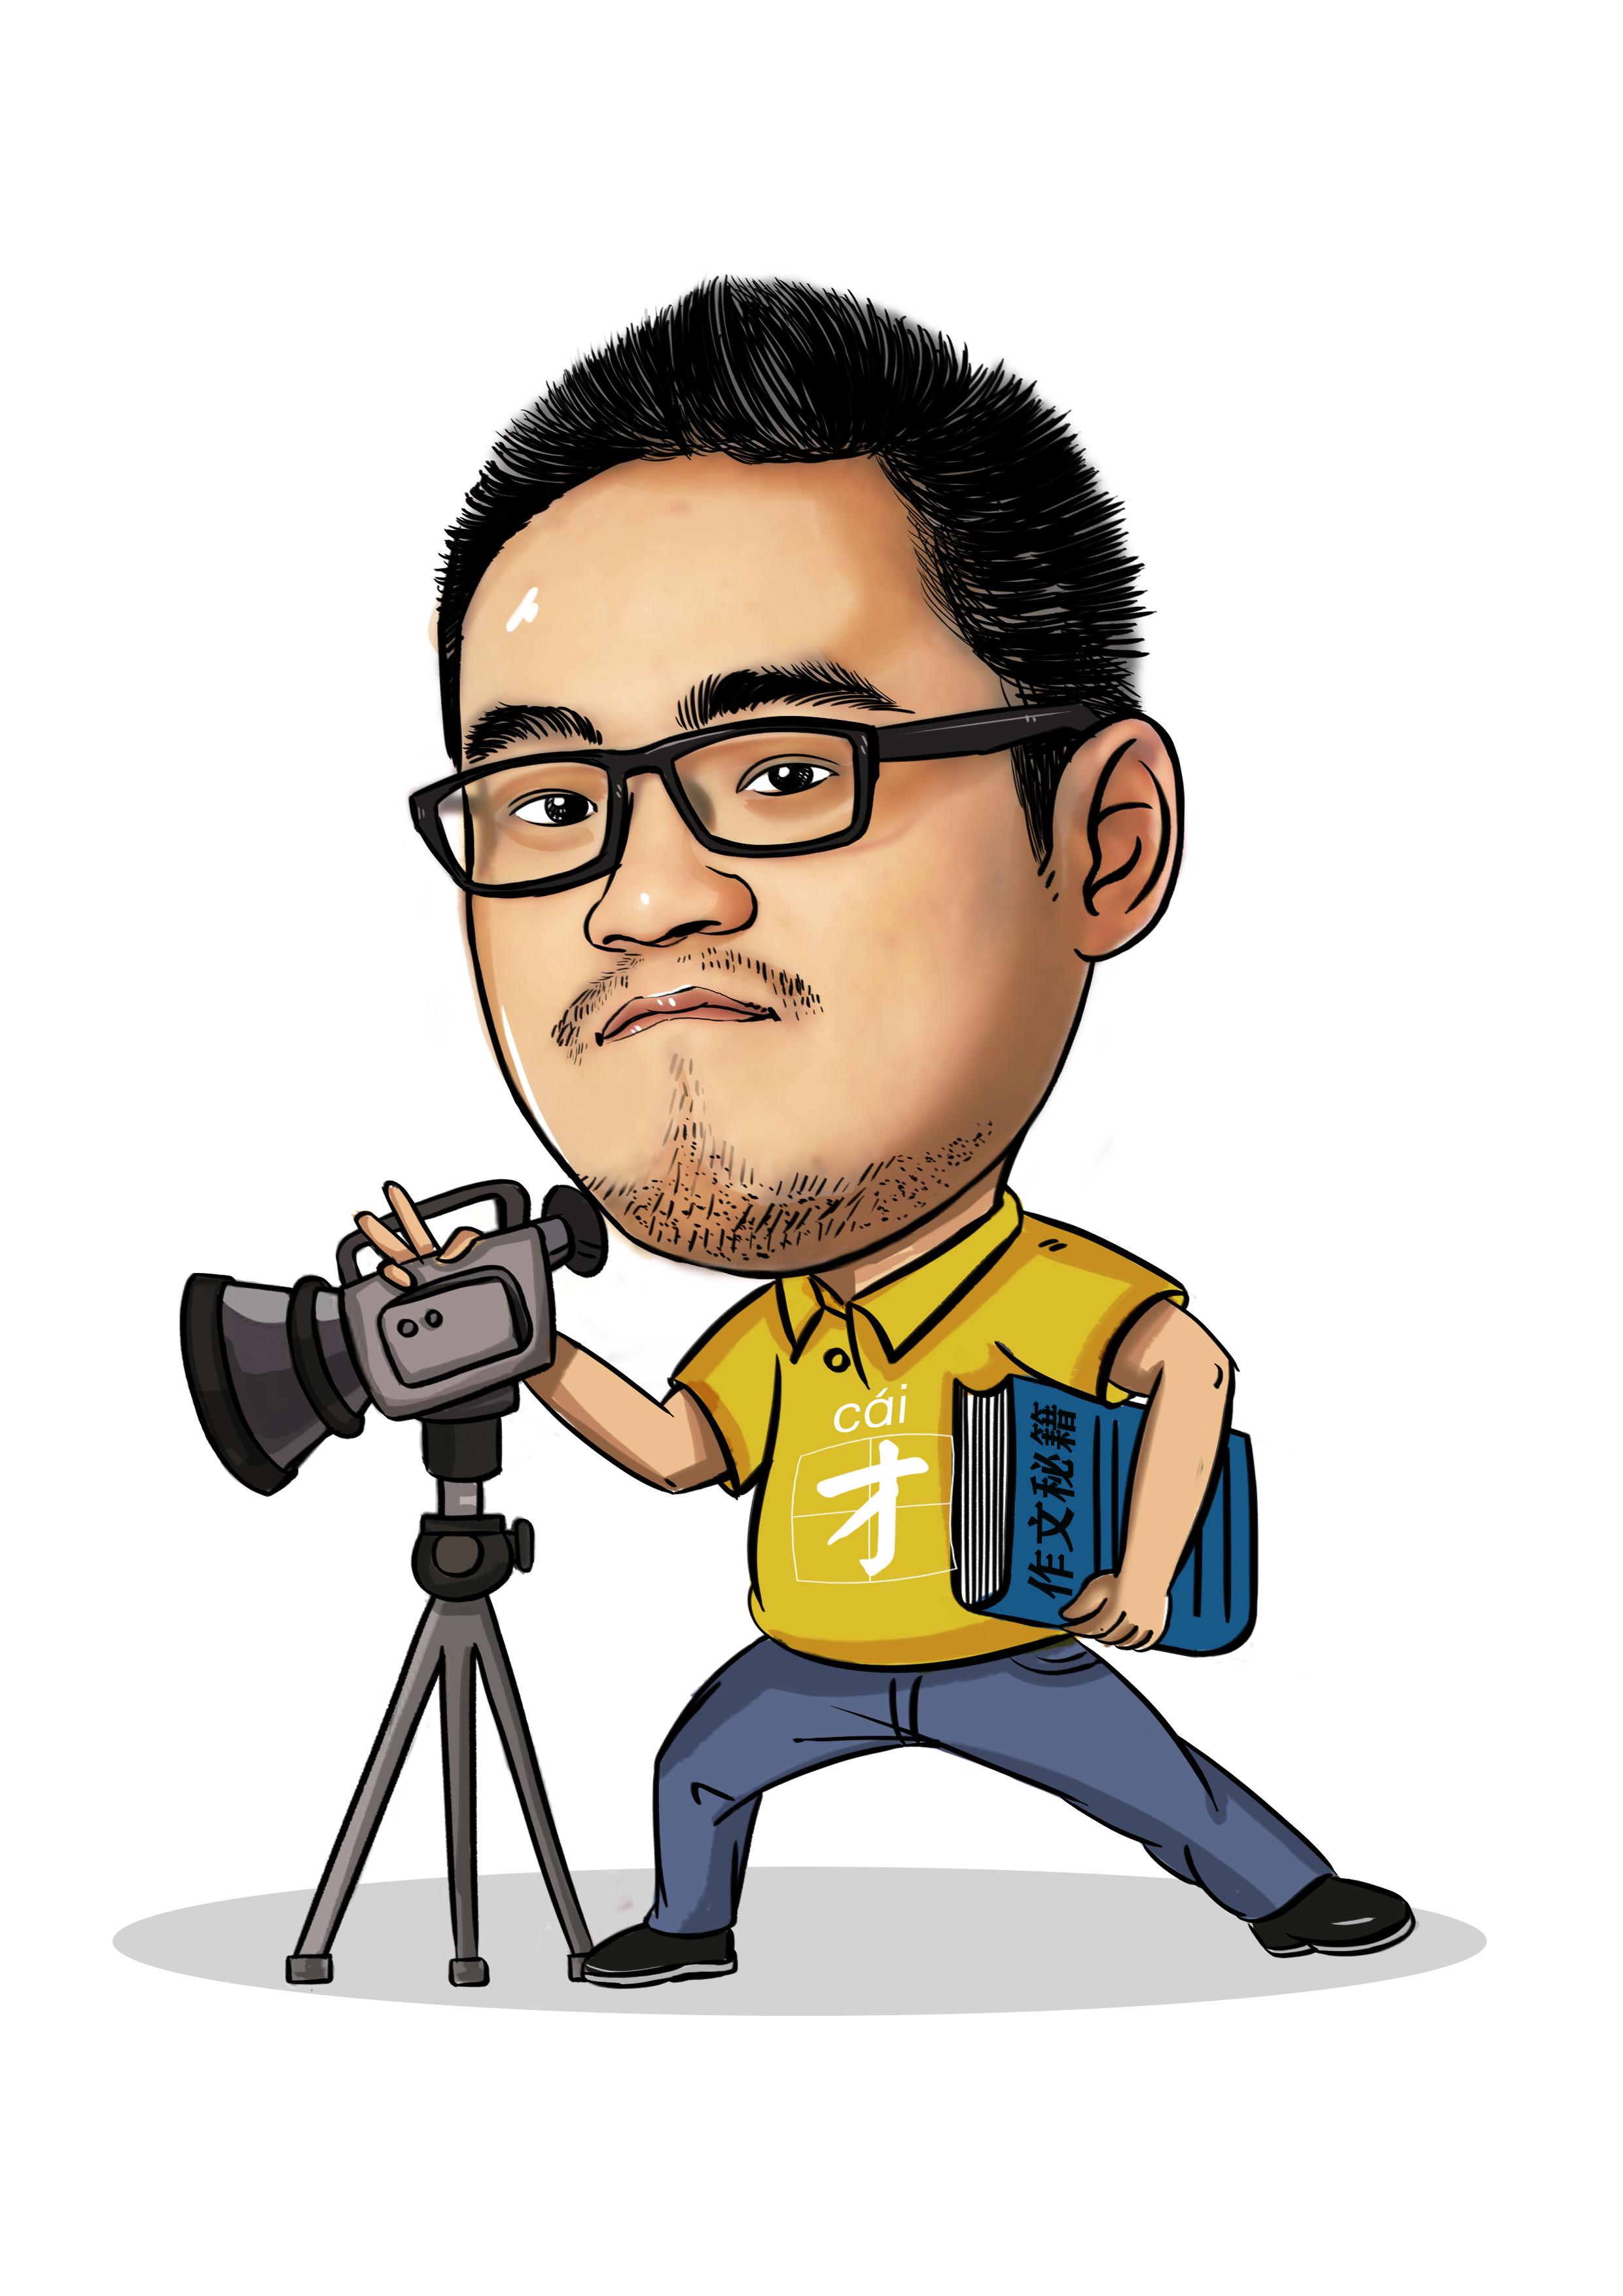 真人肖像手绘 卡通写实人物 大头写真 手绘人物 人物介绍卡通头像